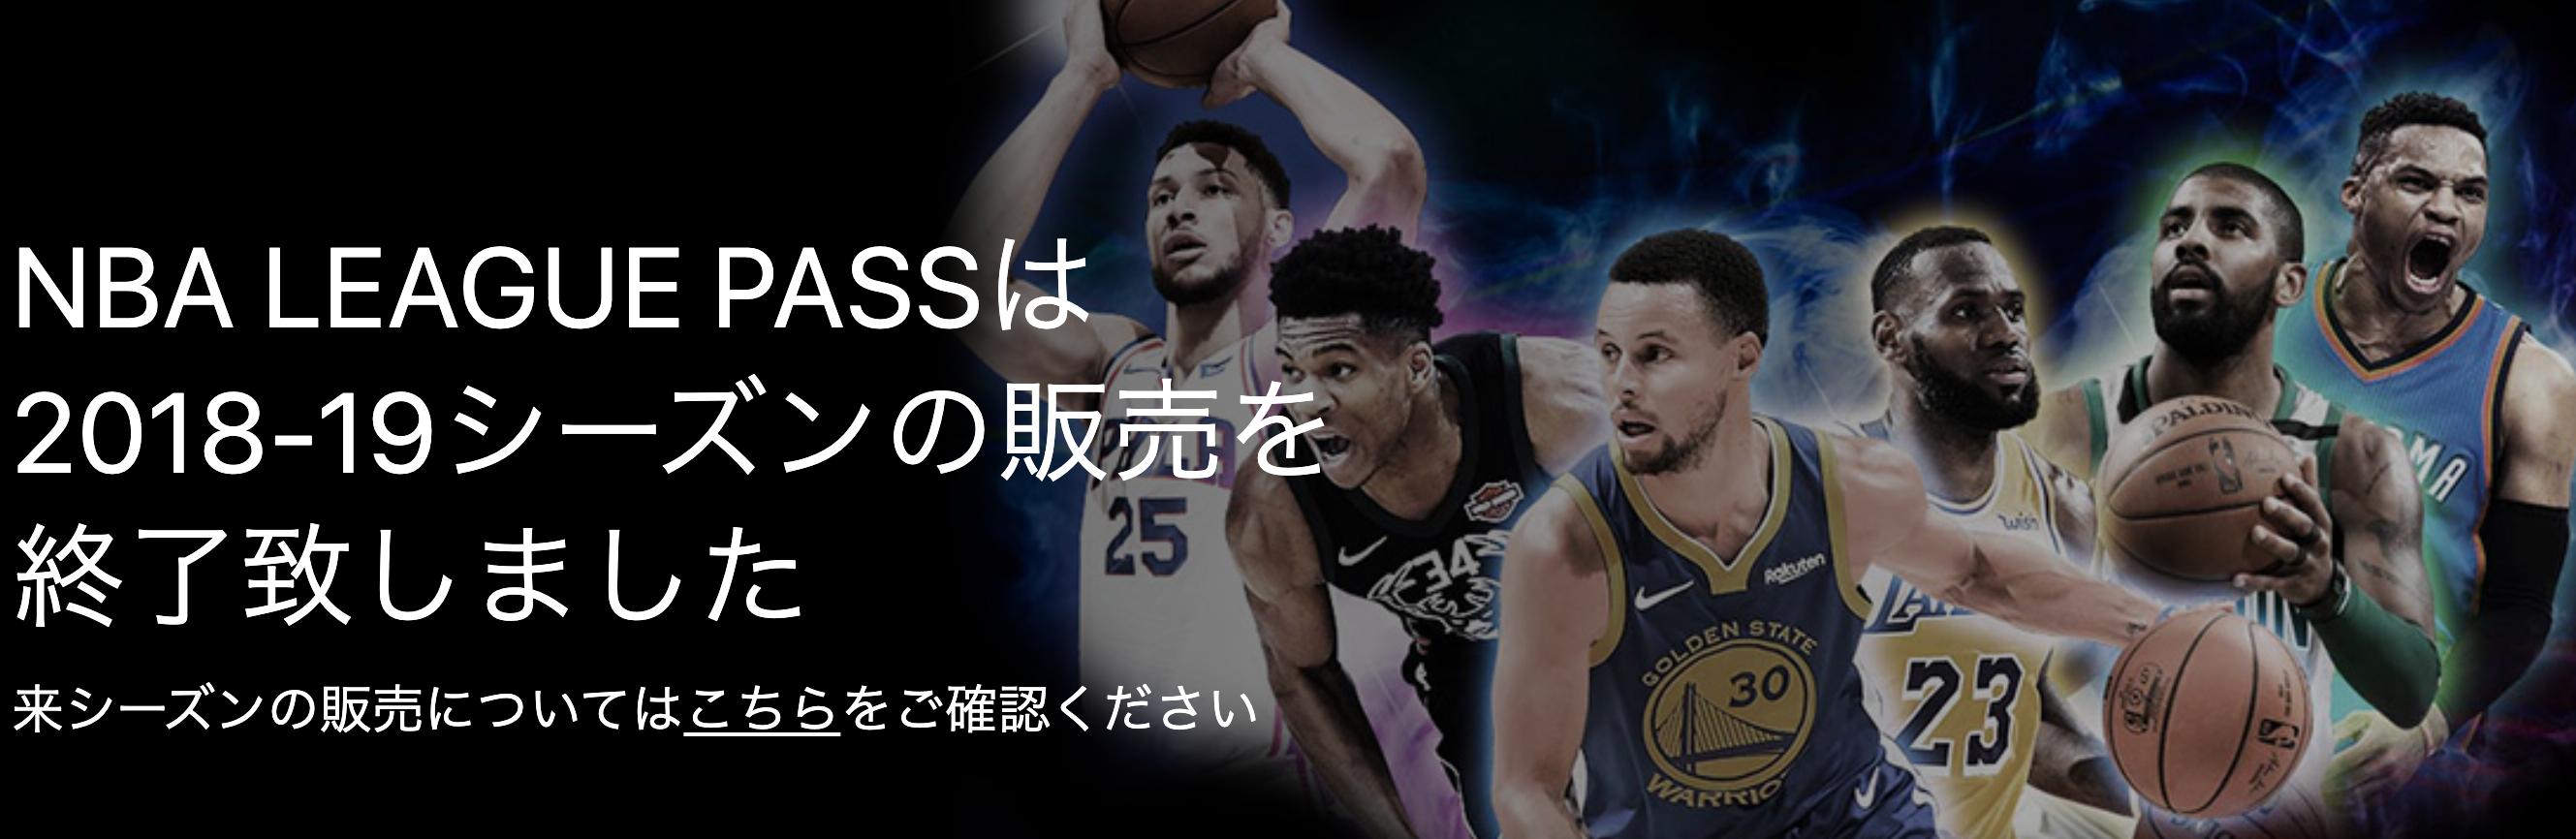 NBARakuten以外 NBA放送